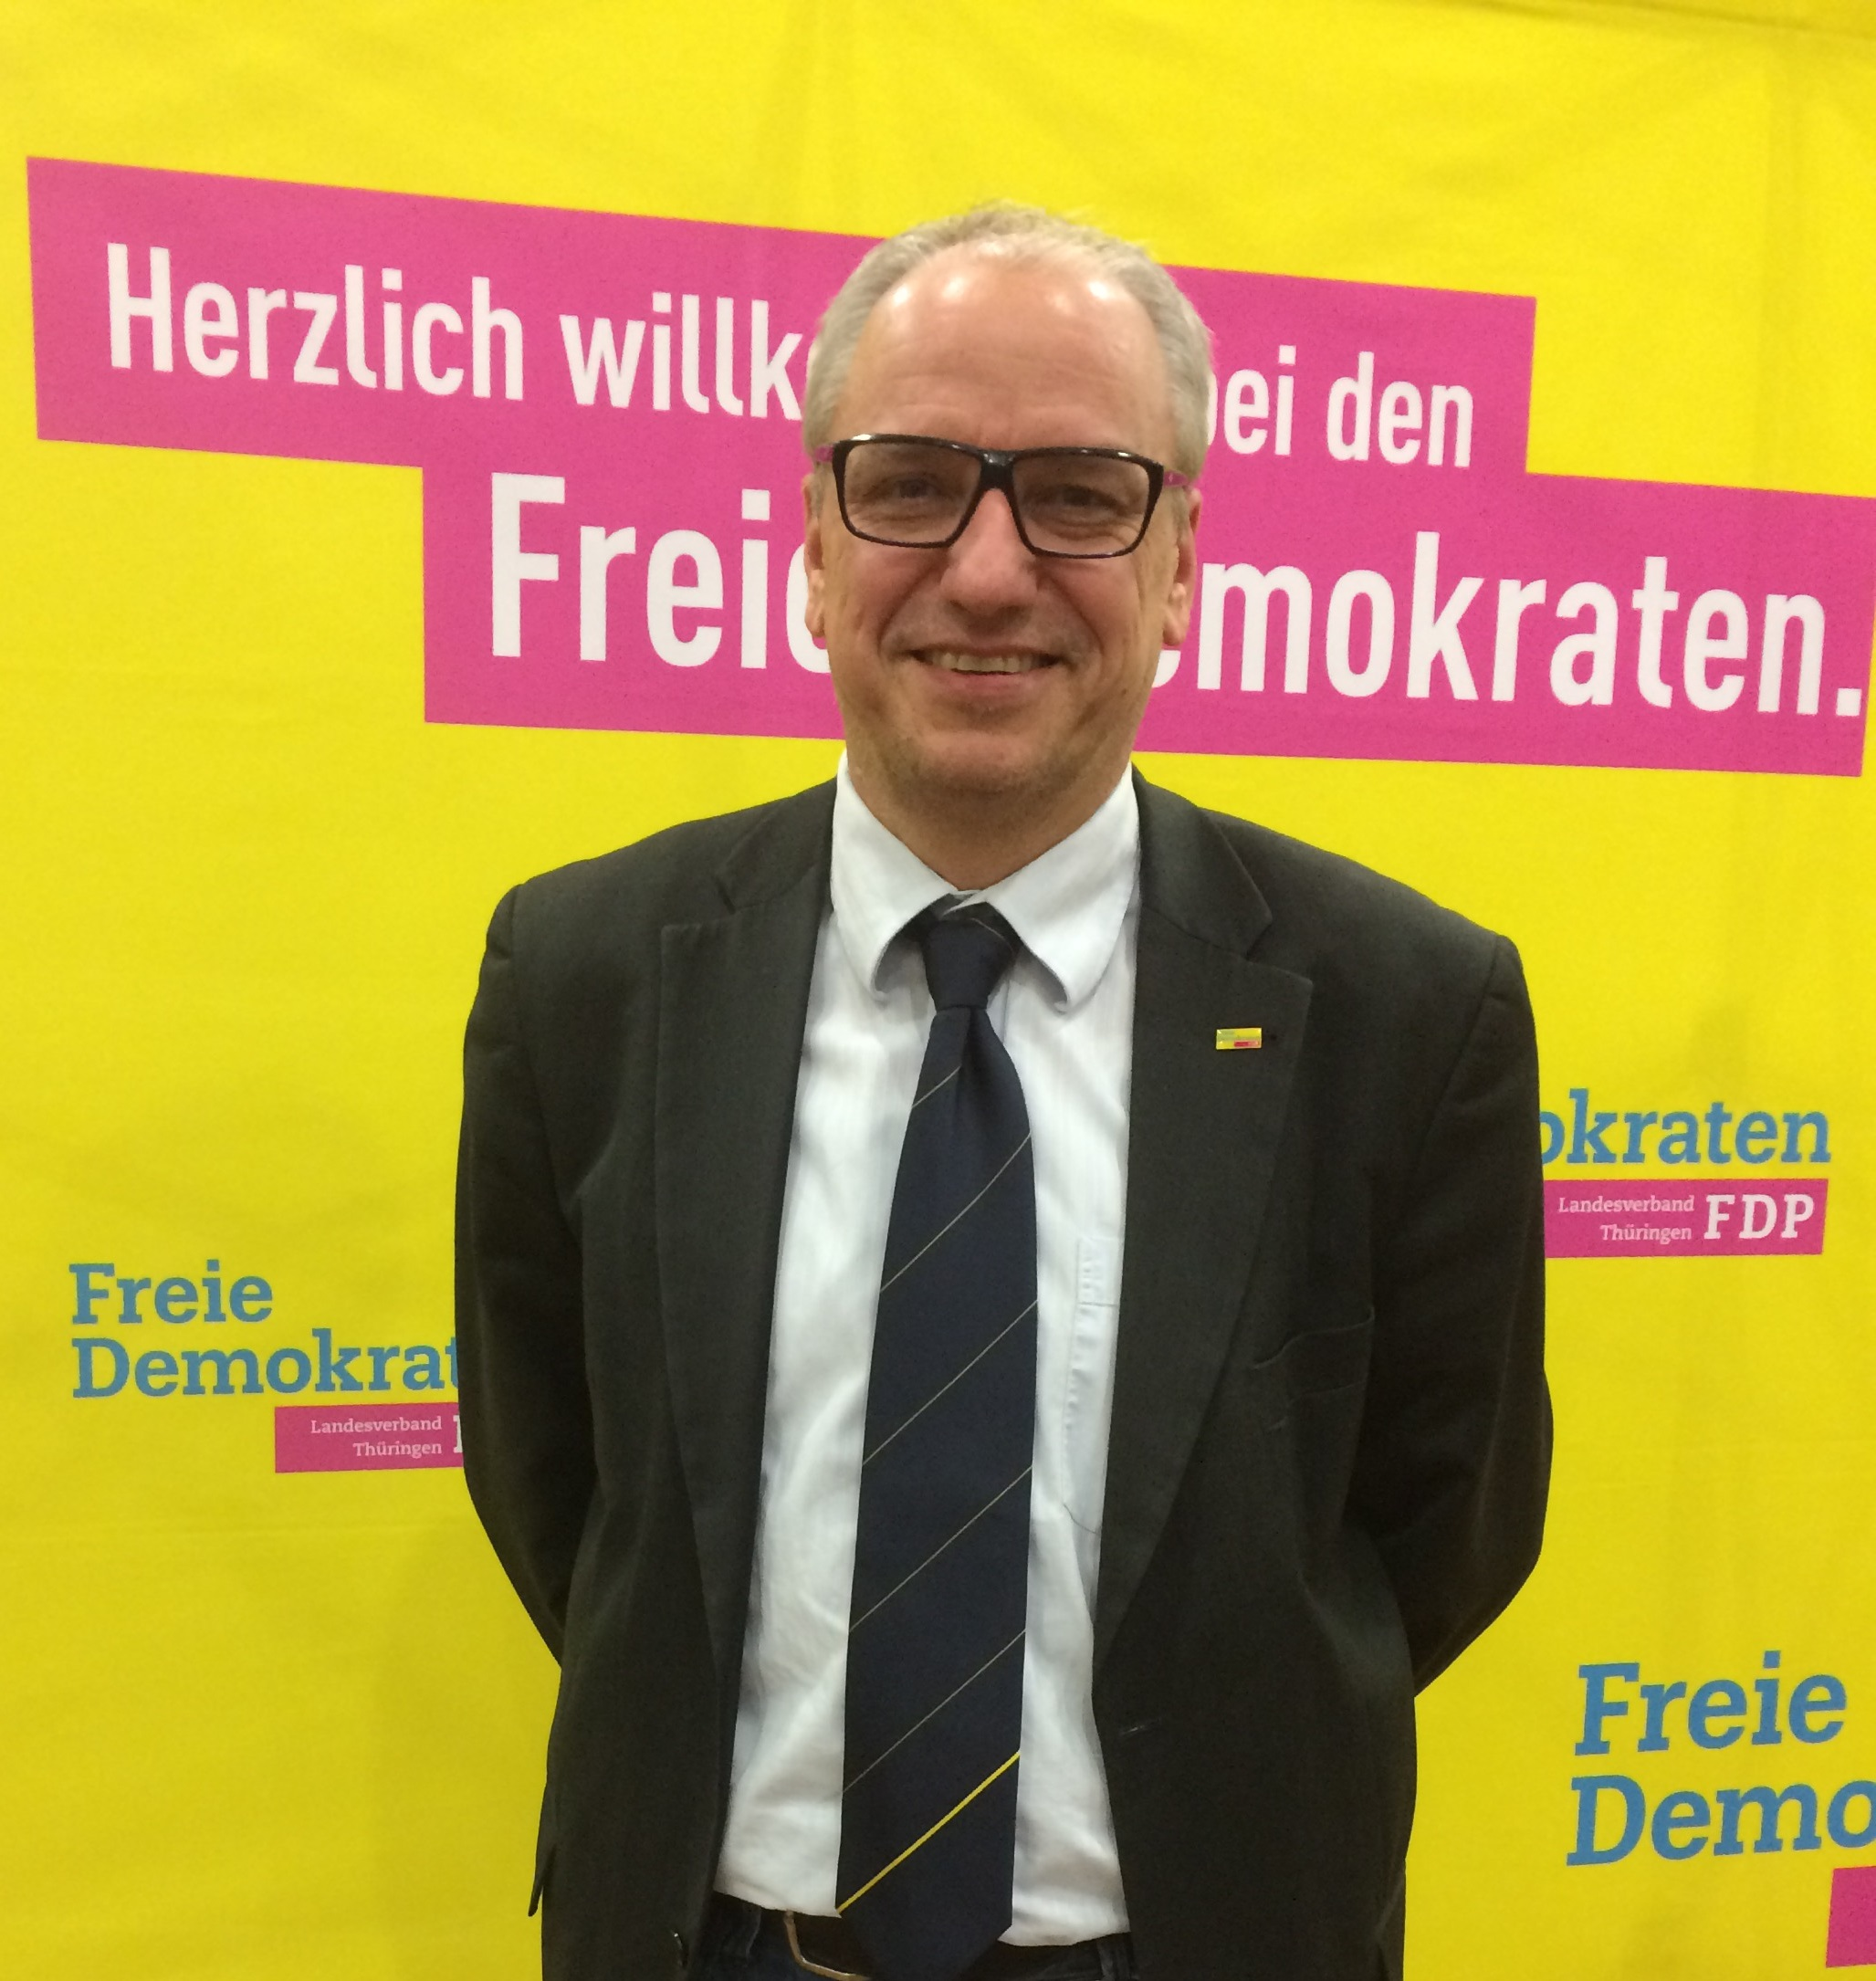 Panse: 'Wähler klug genug selbst zu entscheiden'